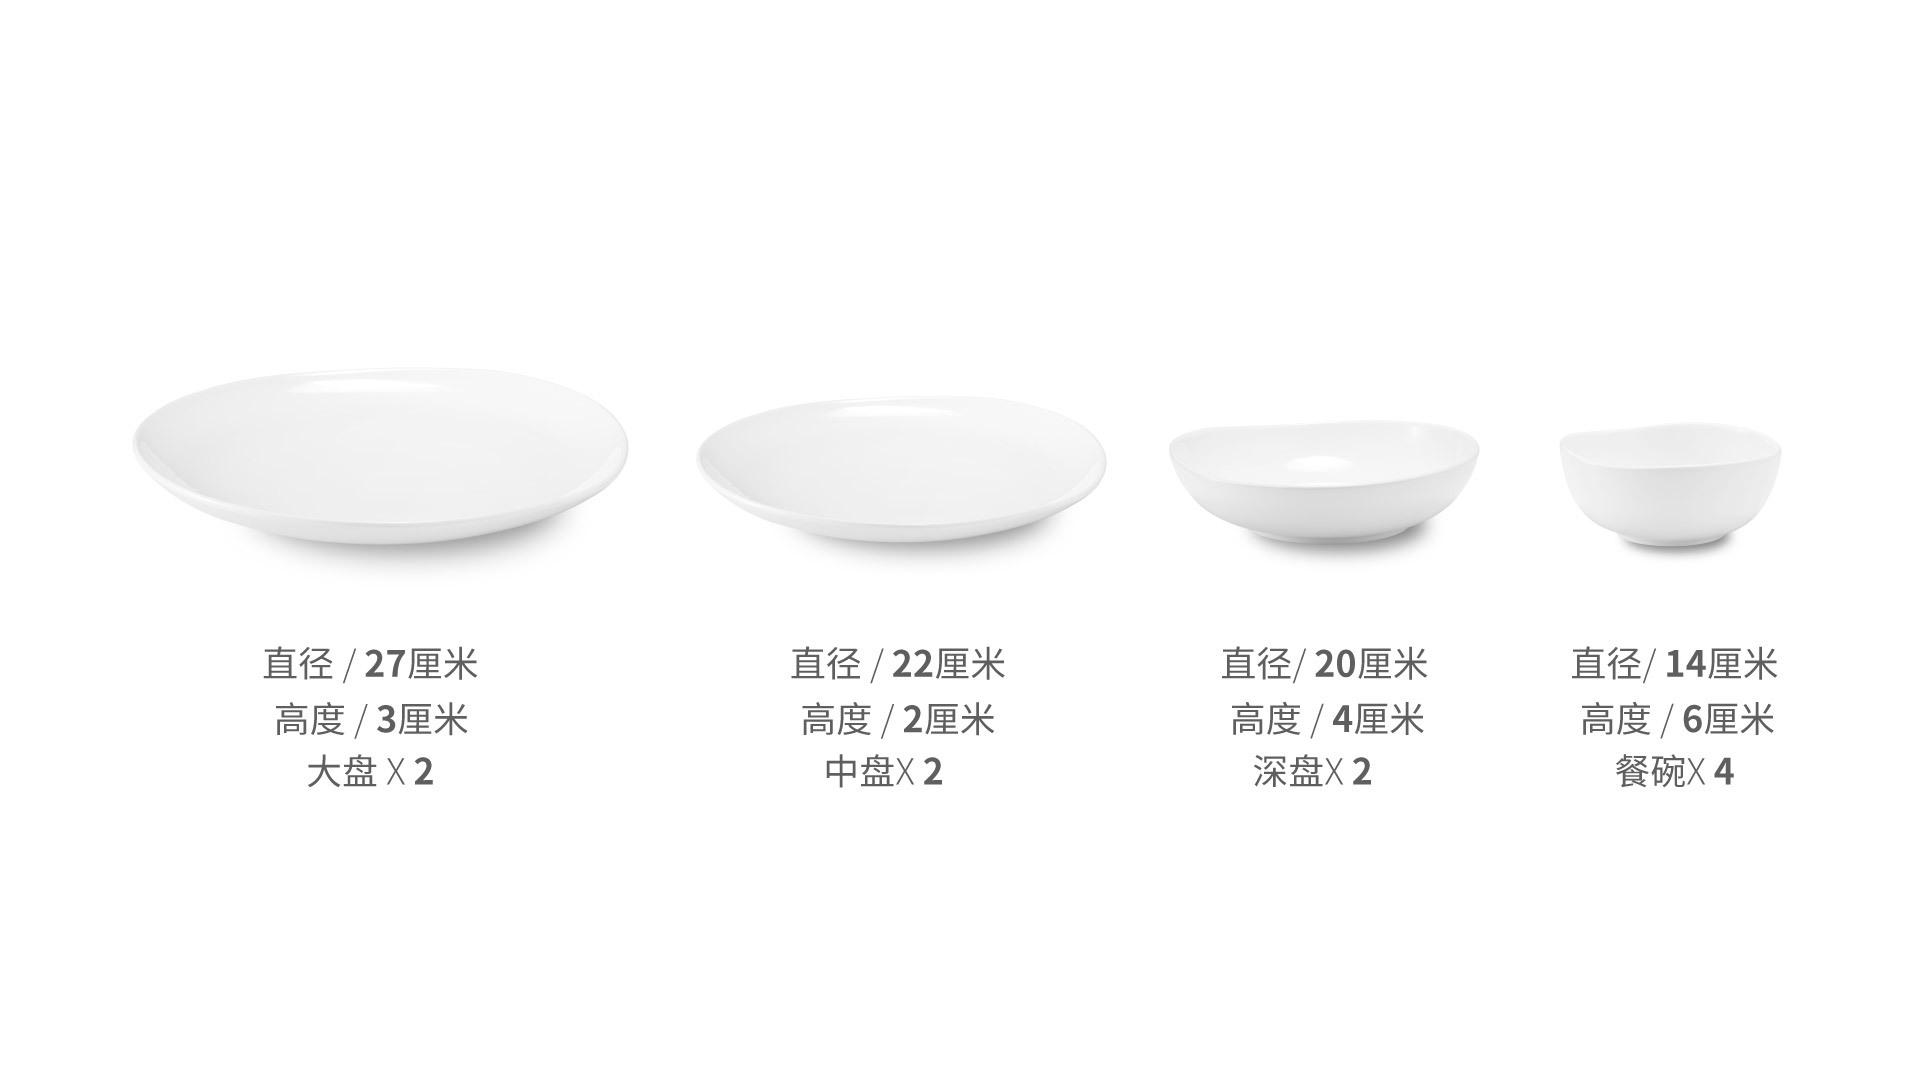 涟漪餐具10件组餐具效果图